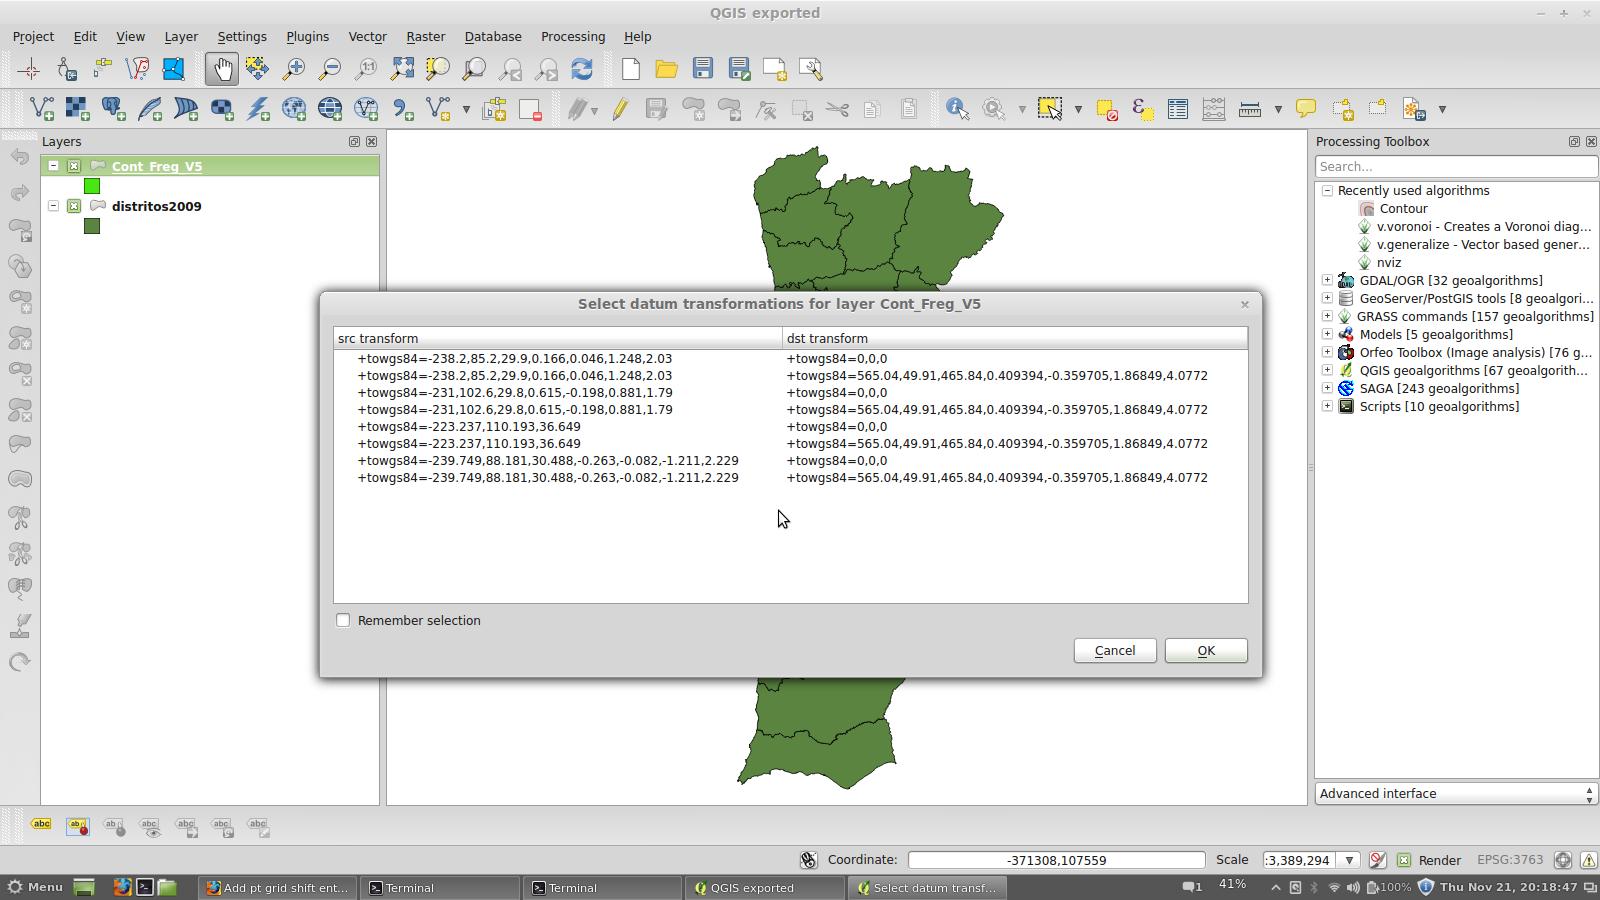 screenshot from 2013-11-21 20 18 48